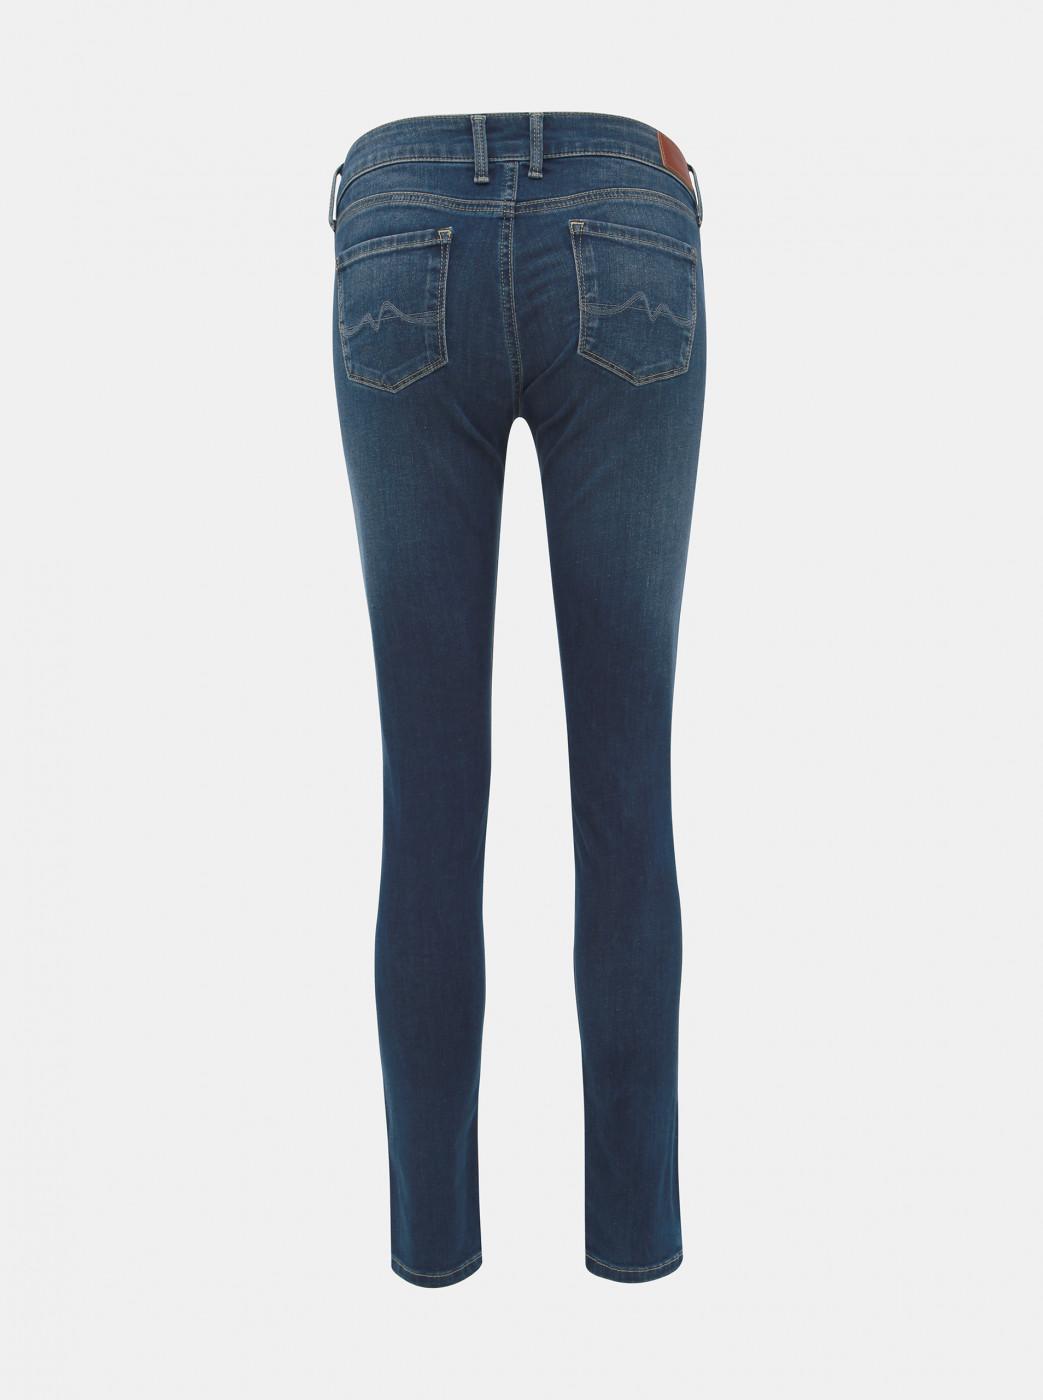 Dark Blue Women's Skinny Fit Jeans Low Waist Pepe Soho